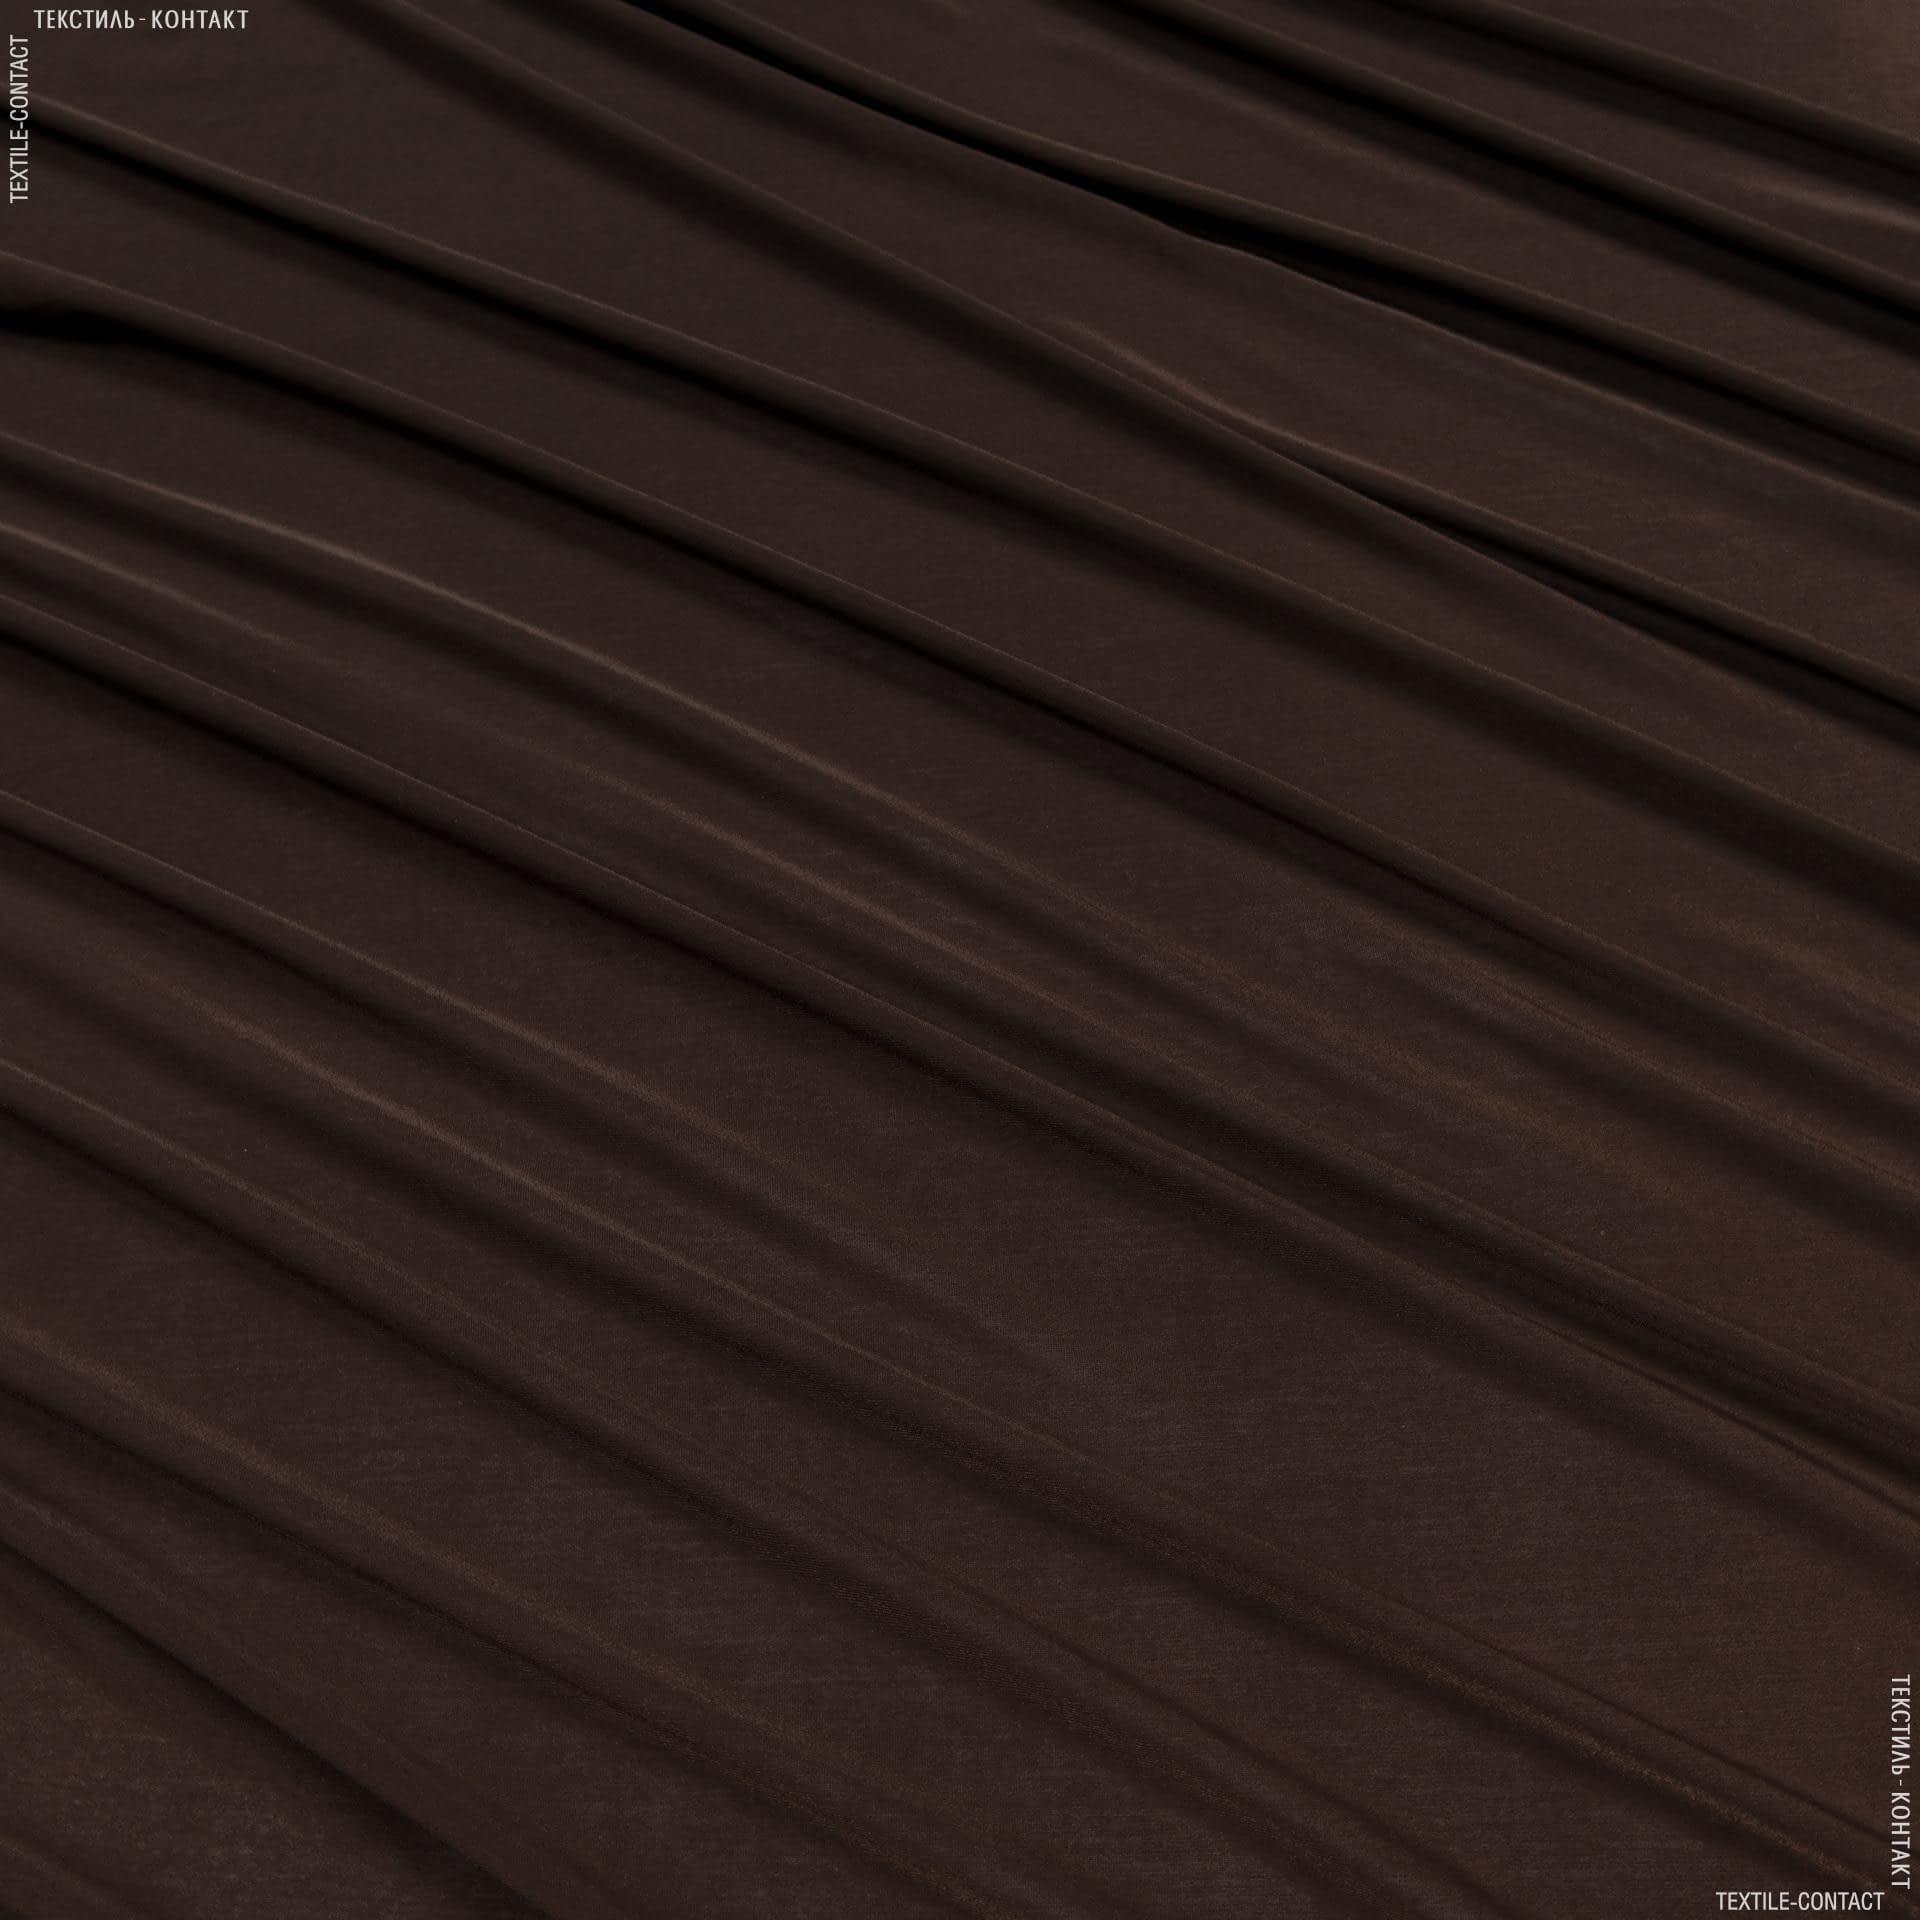 Ткани для платьев - Трикотаж масло коричневый